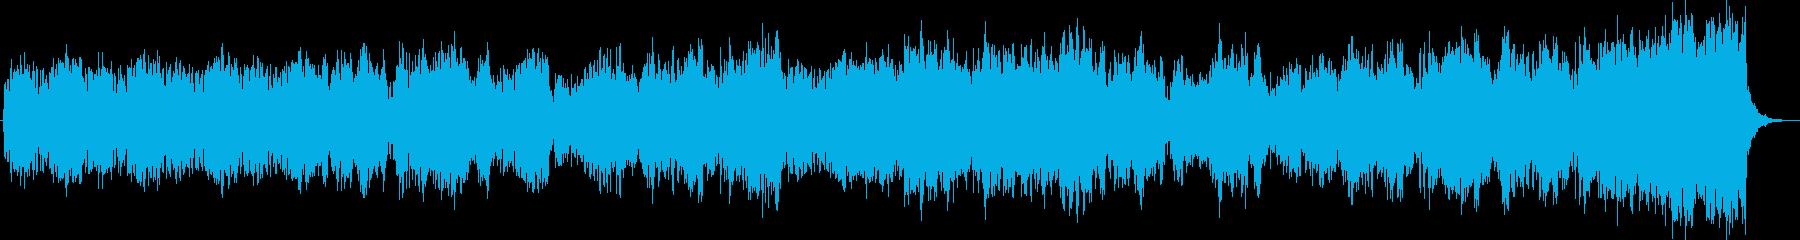 ダーク、ホラー向けオーケストラ 恐怖演出の再生済みの波形